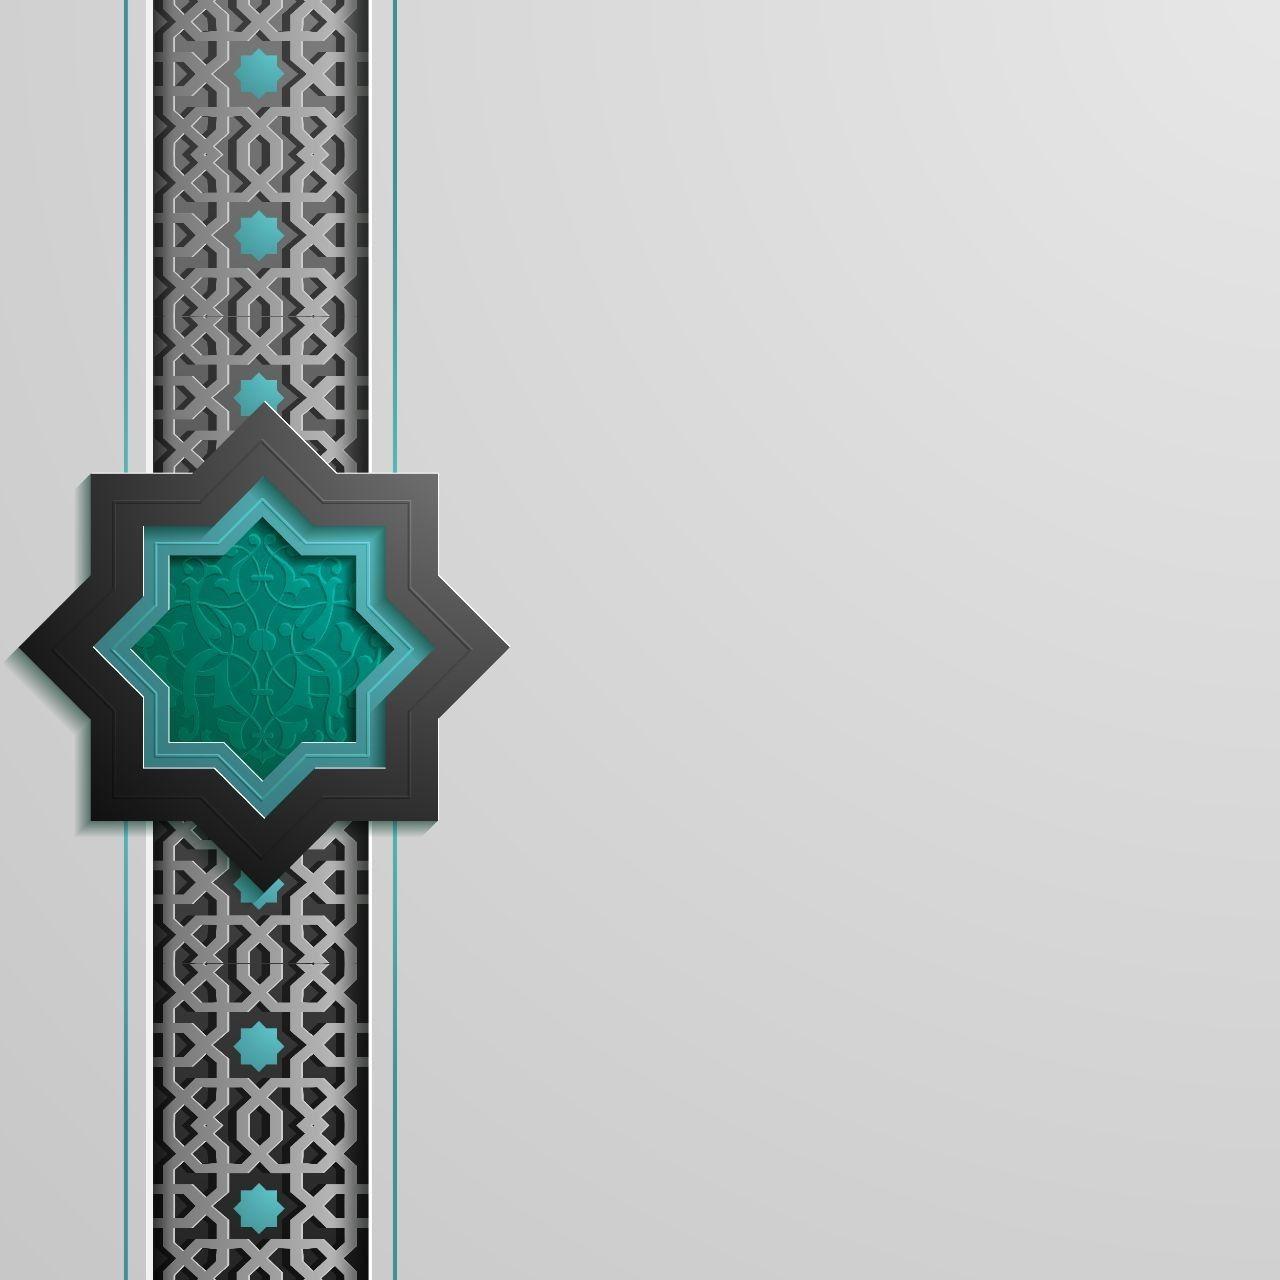 Ramadhan Patern Desain Banner Kartu Pernikahan Seni Islamis